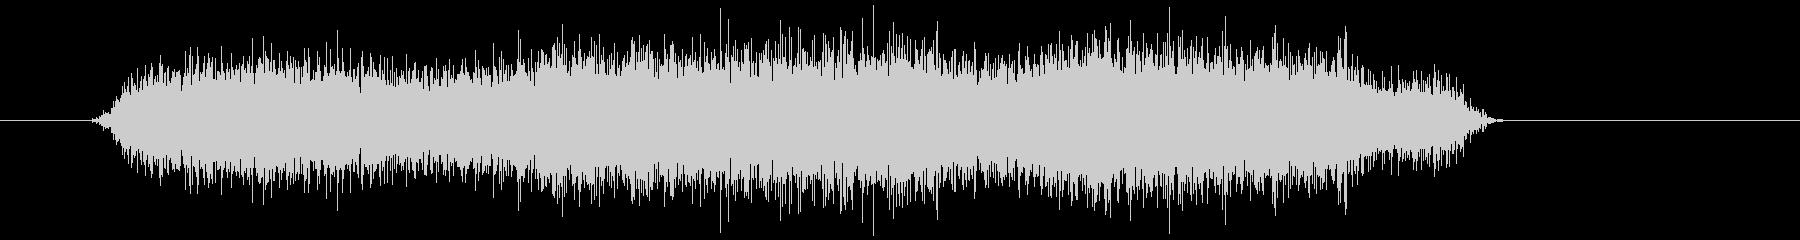 紐引き式ぜんまいオモチャ_ぜんまい音_0の未再生の波形